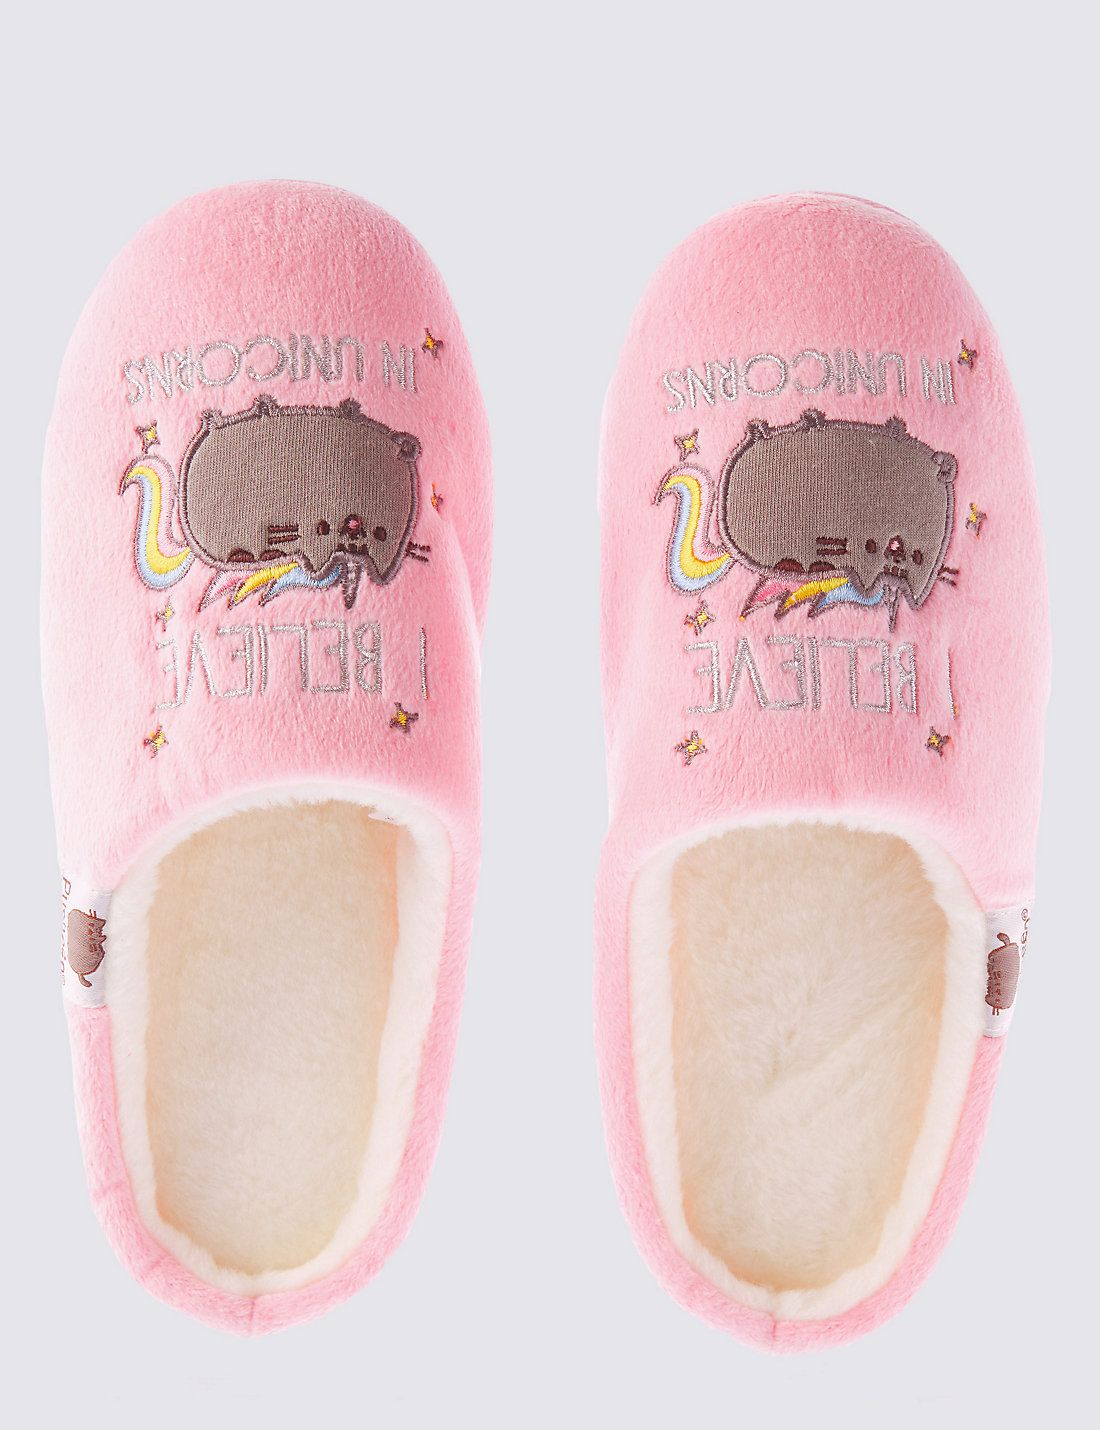 a149dd3daf9 Kids' Pusheen Slippers | Kawaii | Pusheen, Slippers, Kids slippers